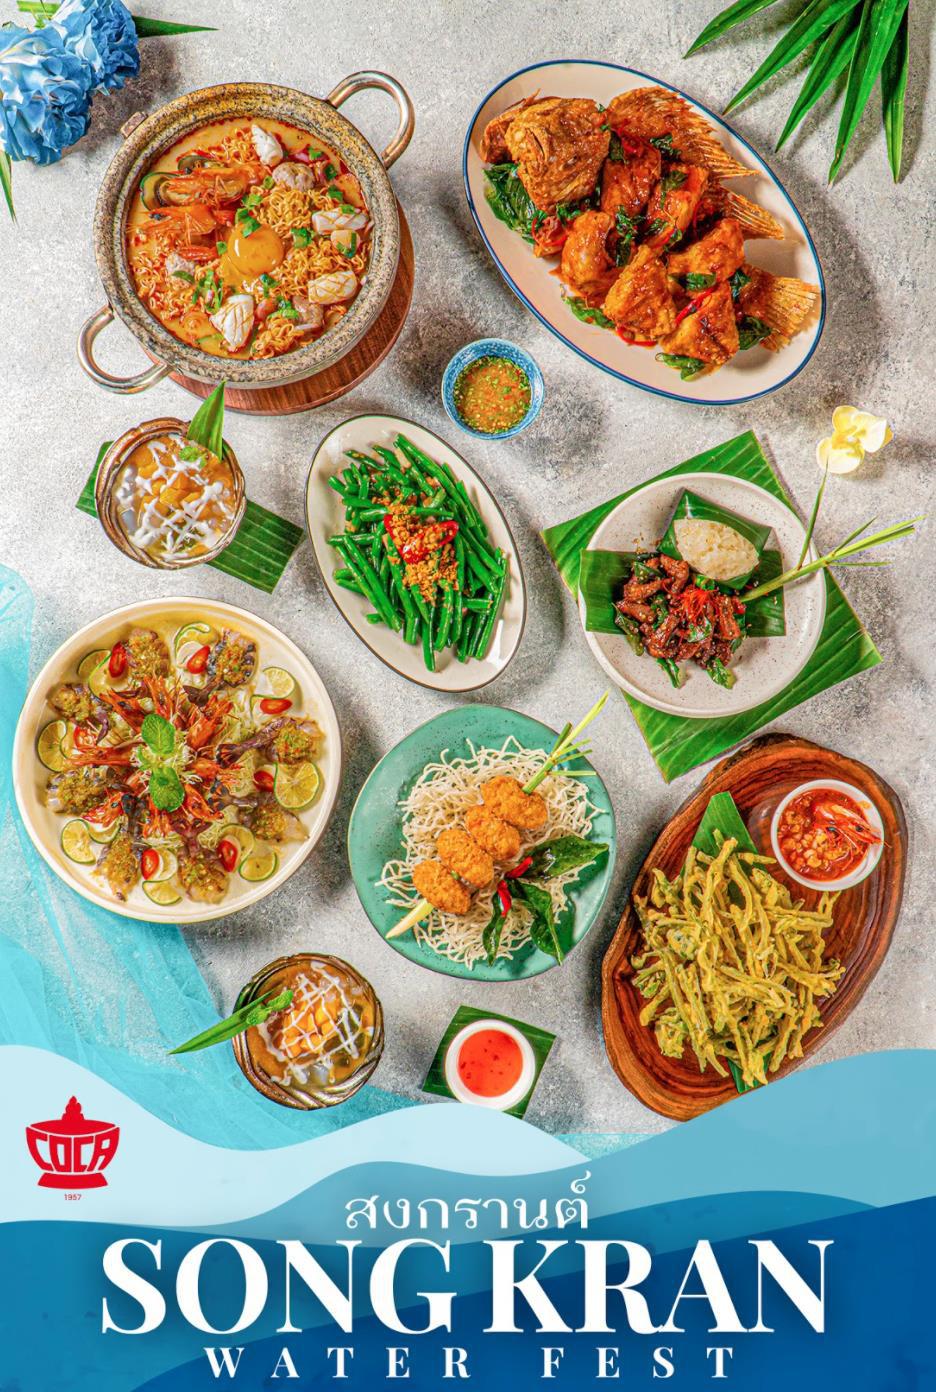 Songkran không chỉ là té nước, bởi có hàng loạt những món ngon khó cưỡng của xứ sở chùa Vàng cũng chờ bạn thưởng thức - Ảnh 4.